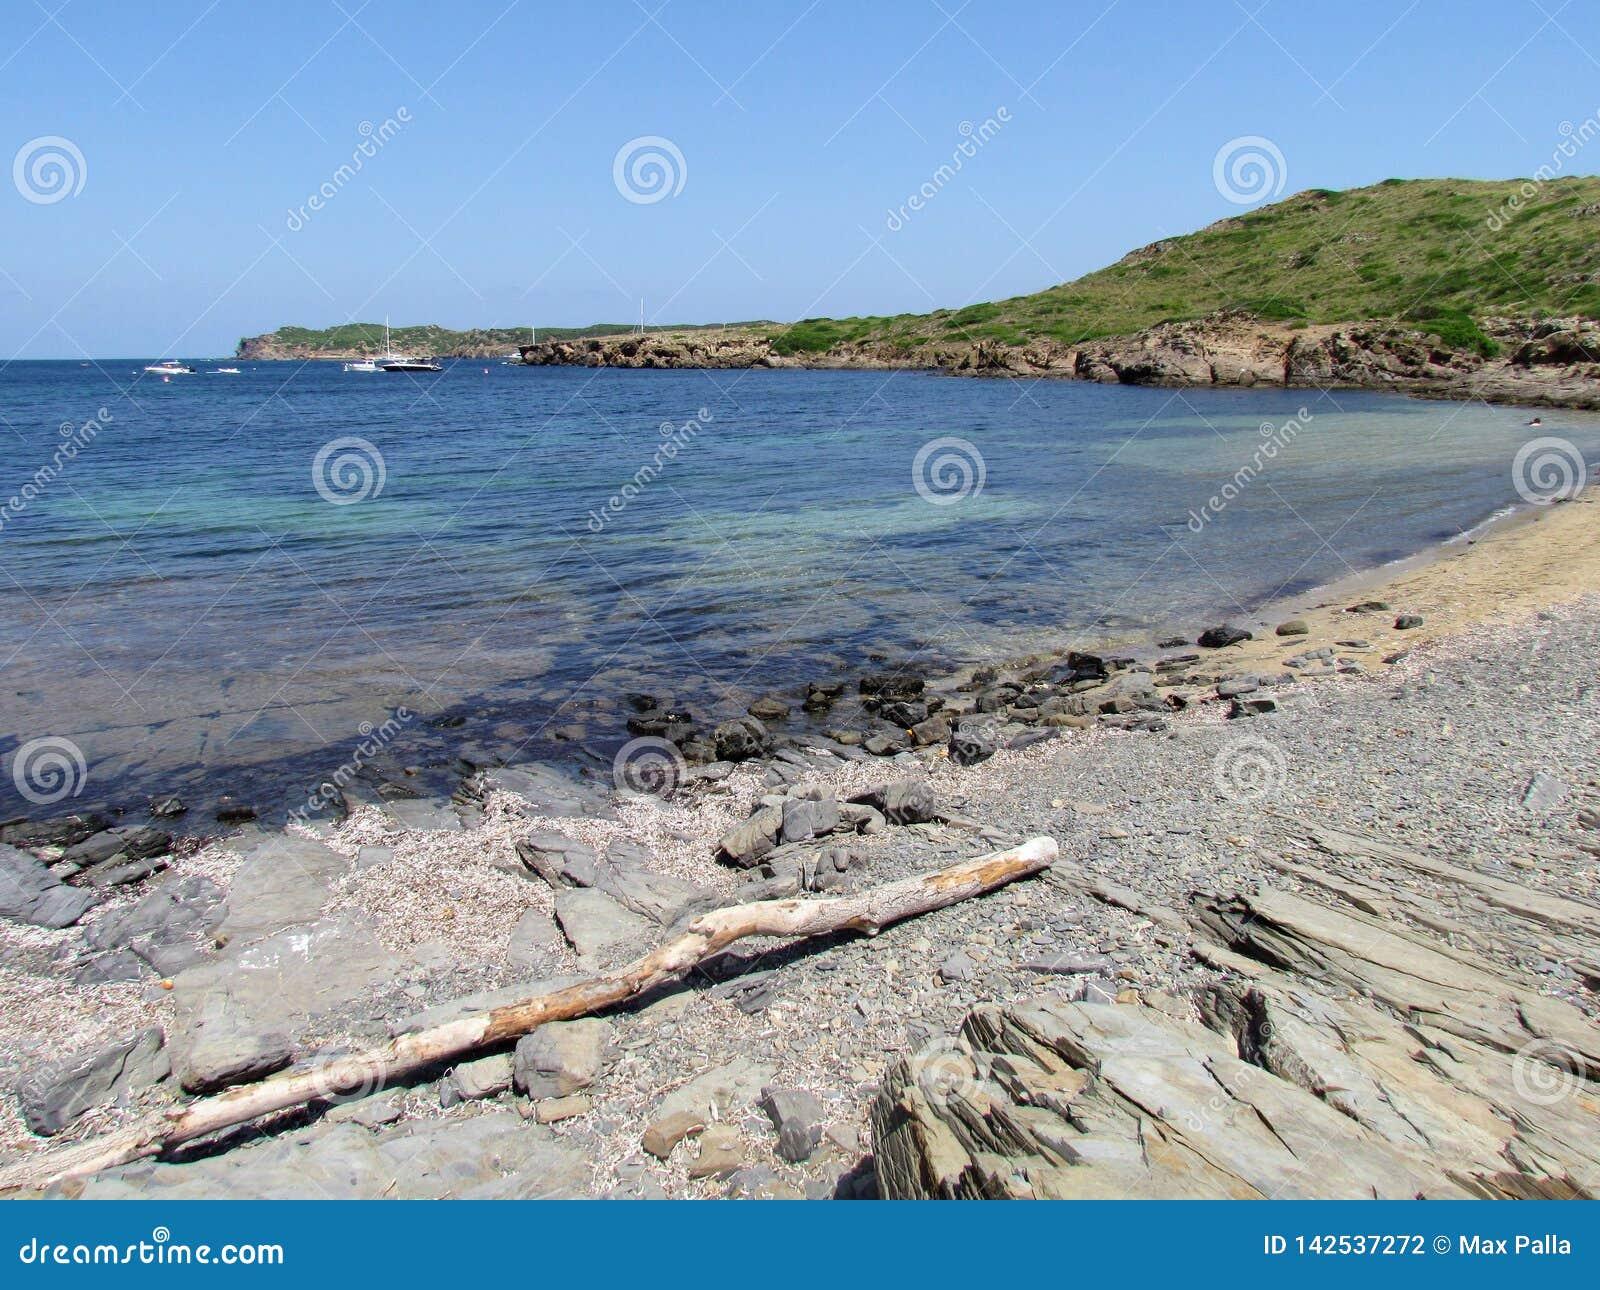 Εικόνα της ακτής του νησιού Baeutiful Menorca στην Ισπανία Ένας φυσικός παράδεισος